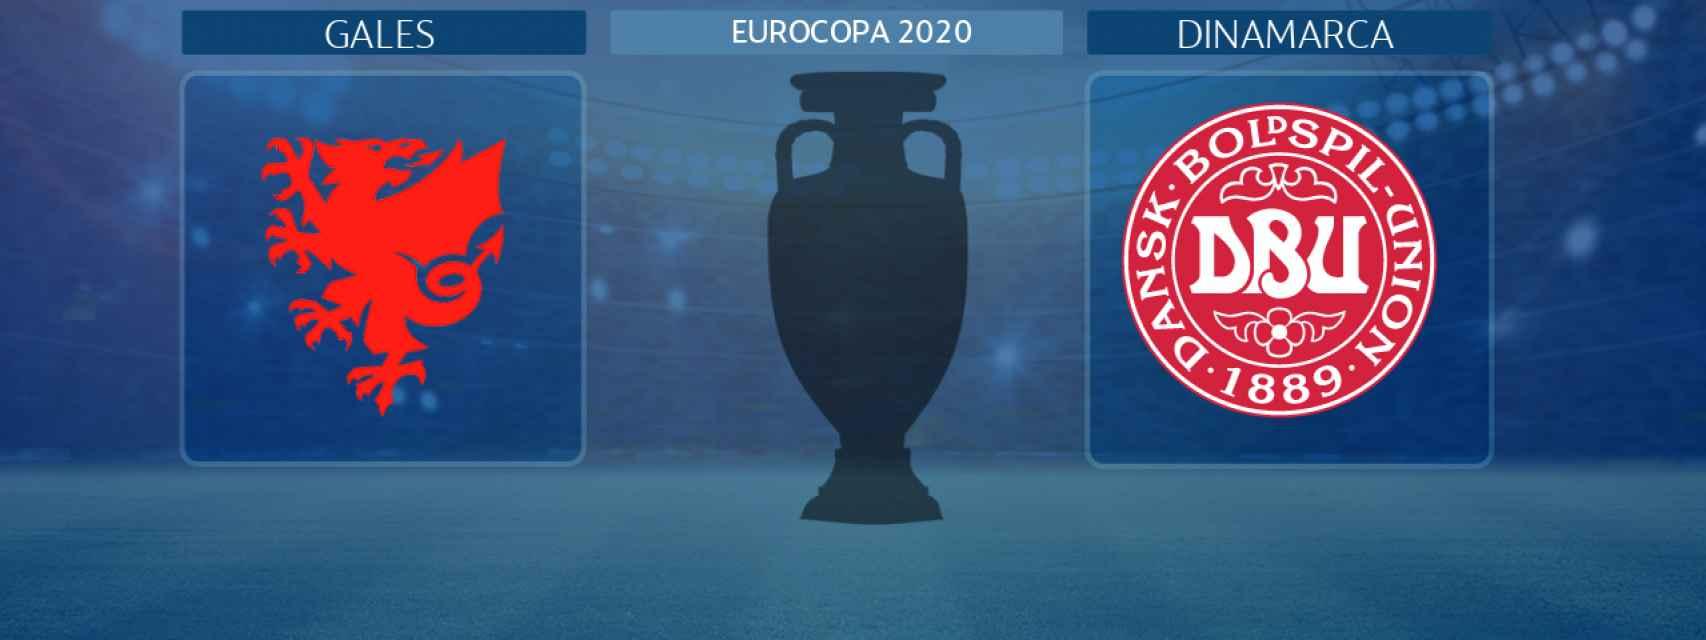 Gales - Dinamarca, partido de la Eurocopa 2020